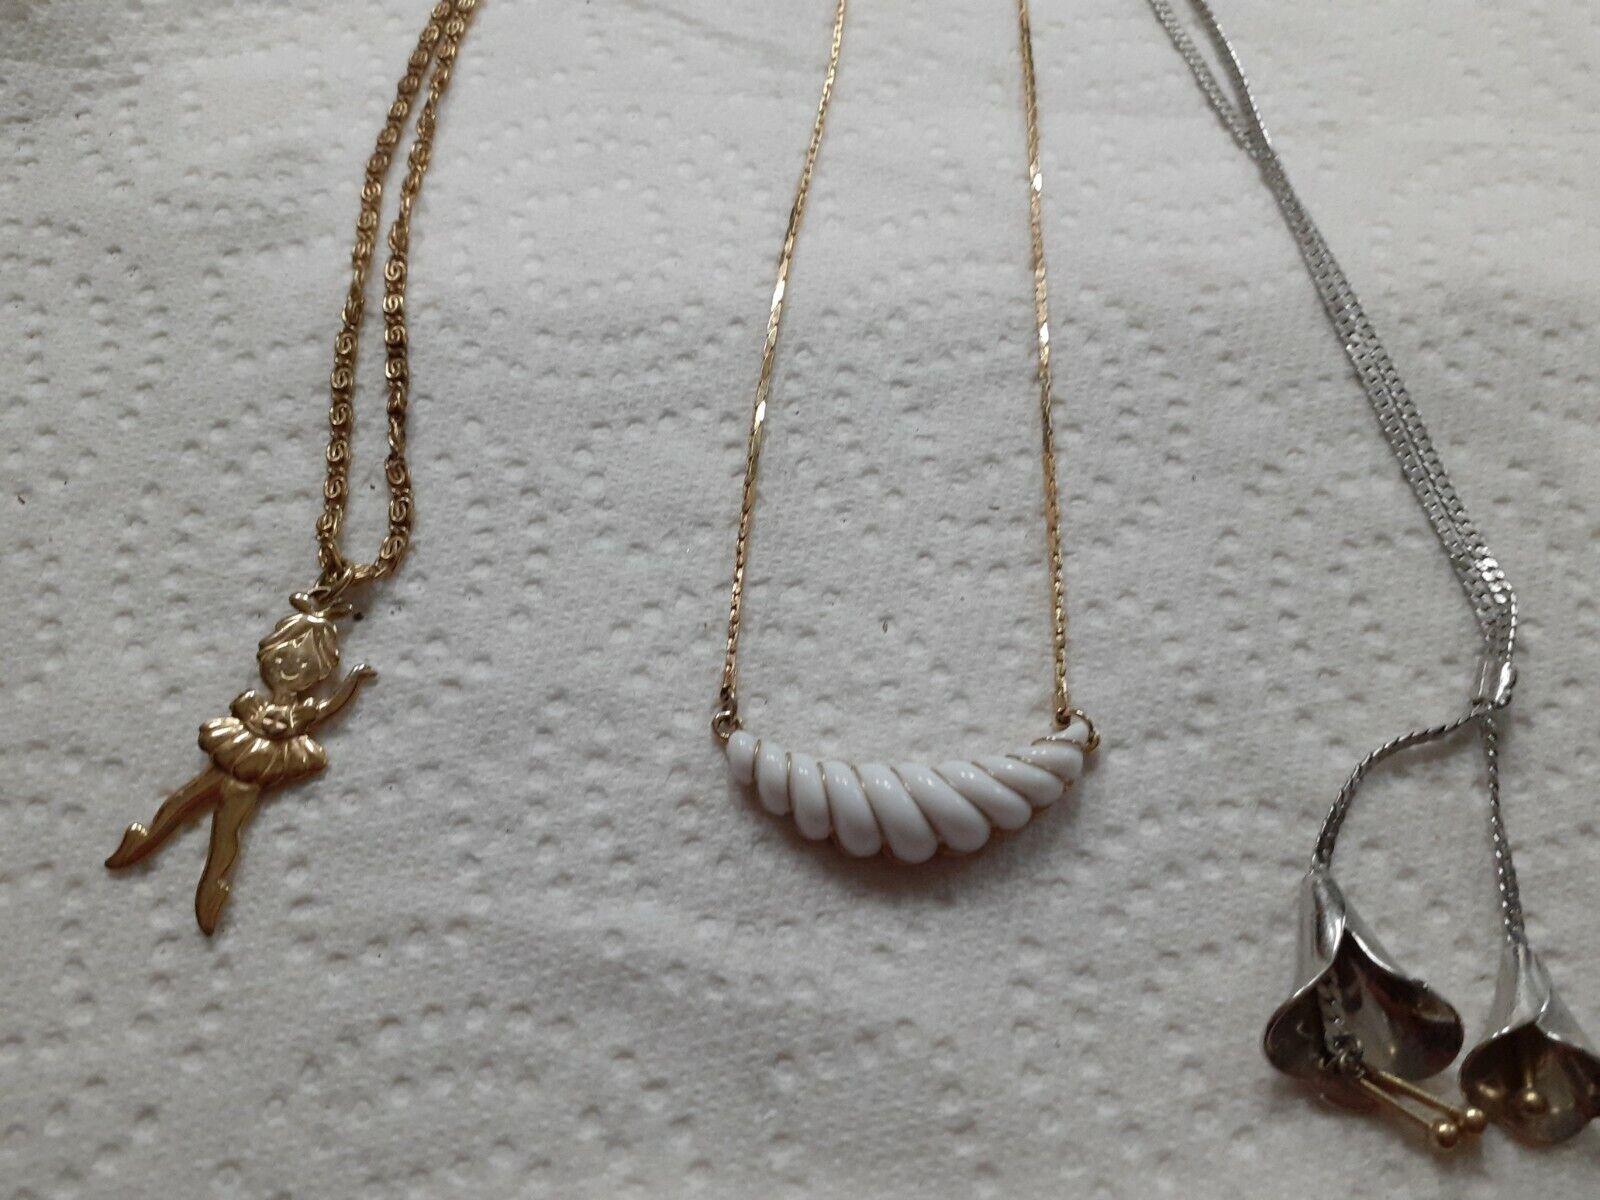 Avon Blue Necklace Lot Blue Medallion Necklace Sets of 2 Necklaces Earthtones Blue Medallion Necklace Set Vintage Avon Purple Blue Brown